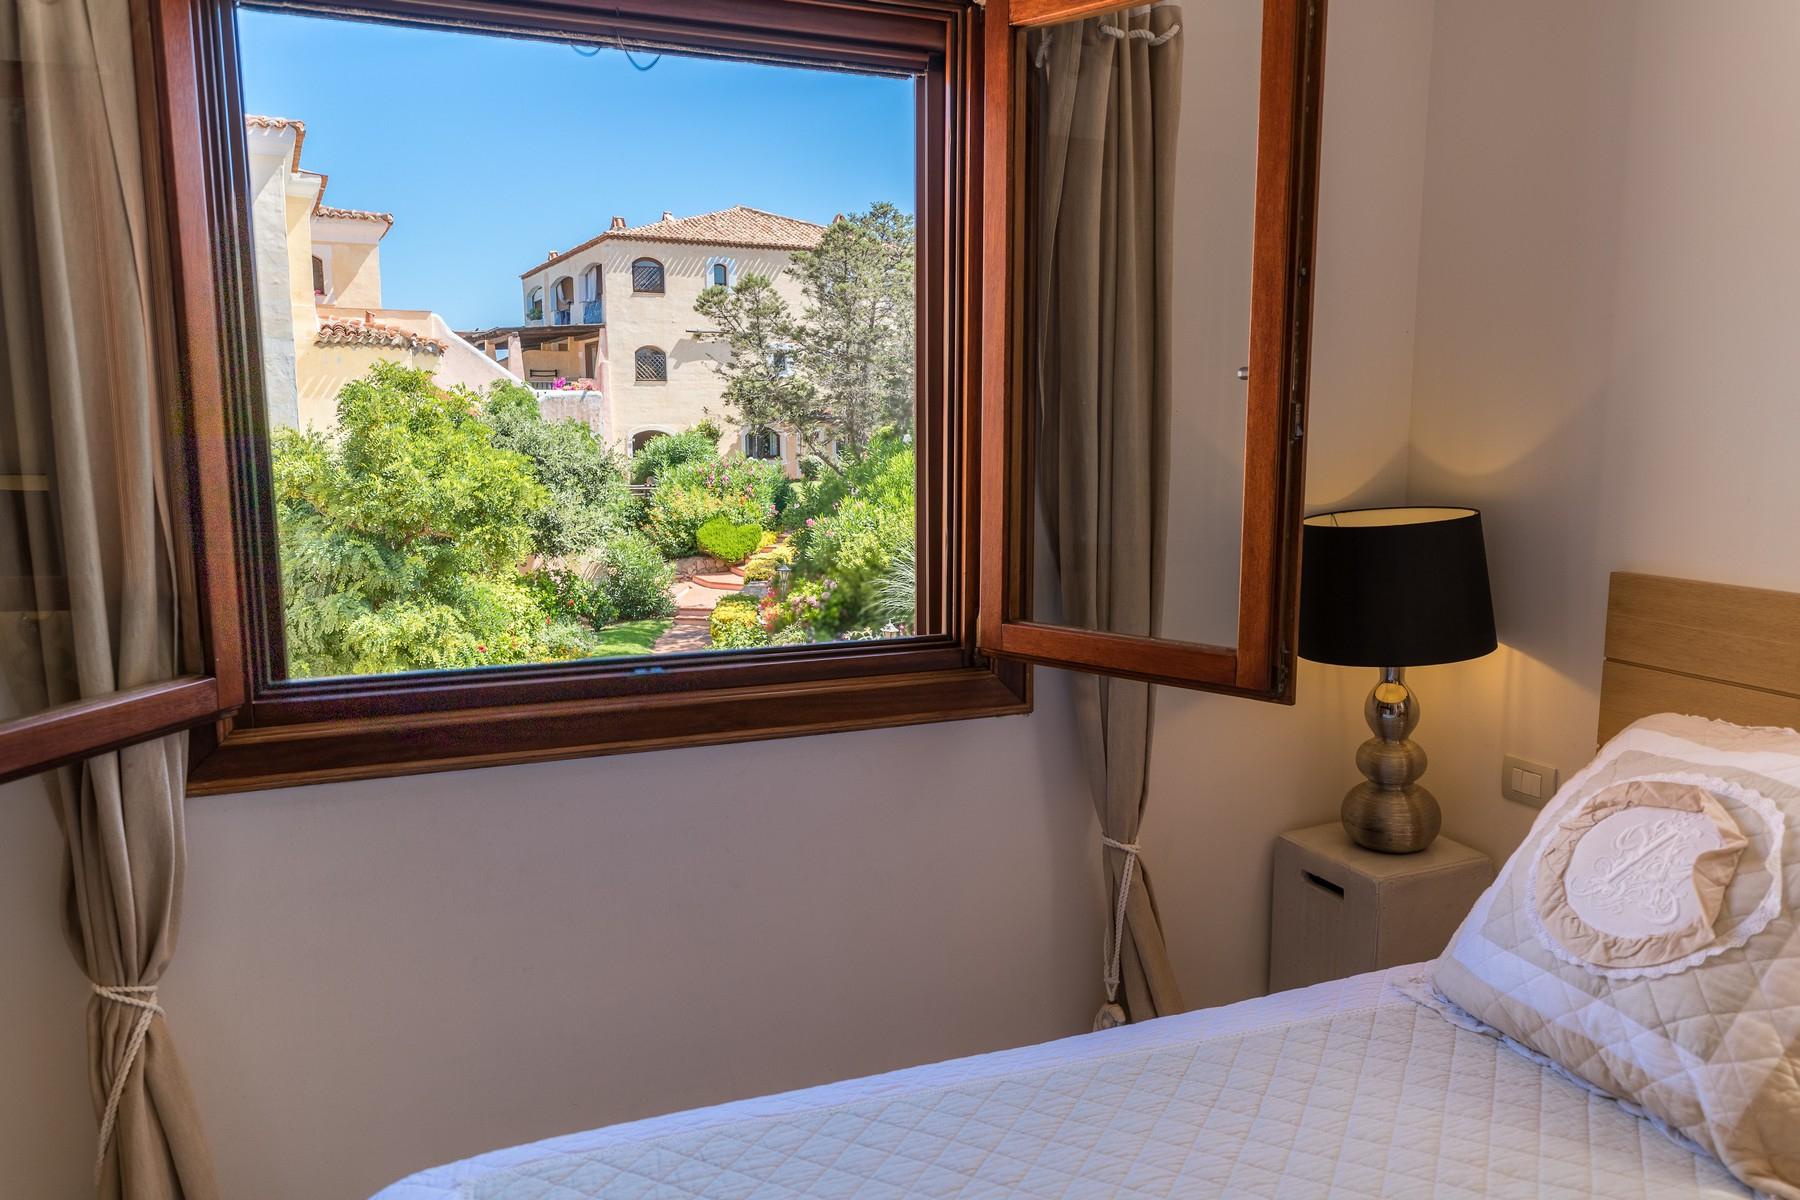 Appartamento in Vendita a Arzachena: 3 locali, 55 mq - Foto 15